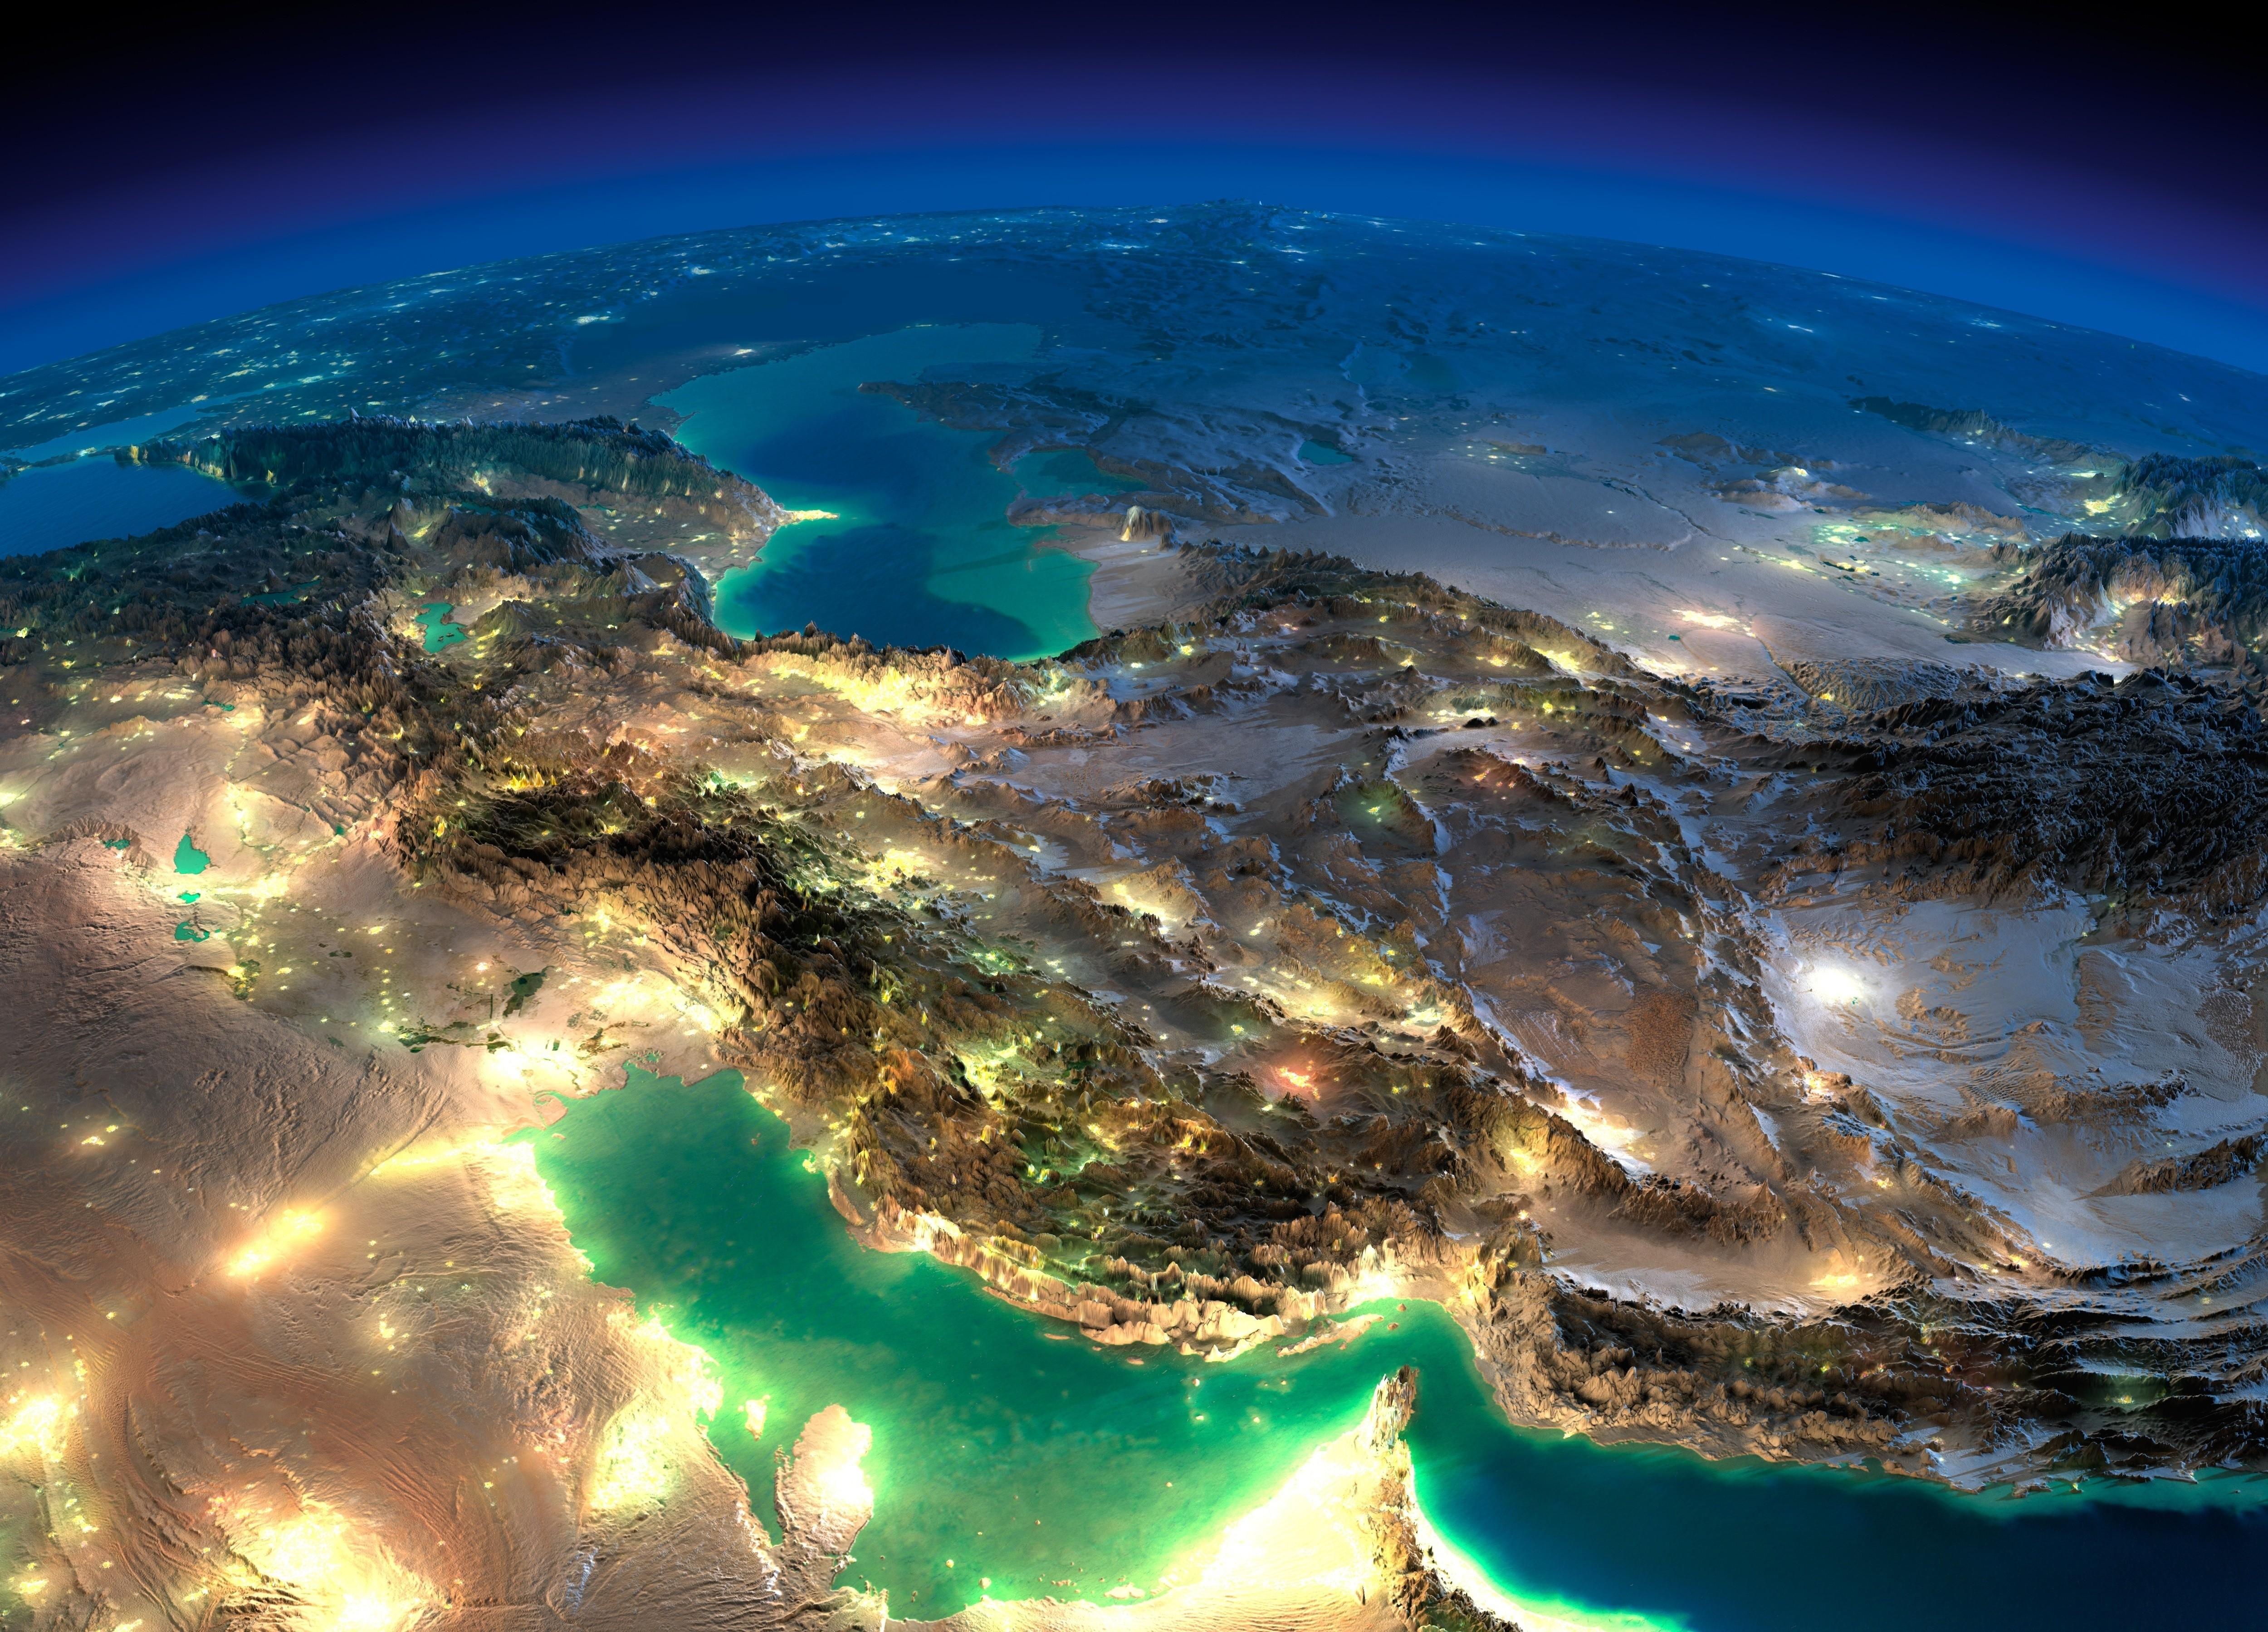 фото земного шара из космоса высокого разрешения счету